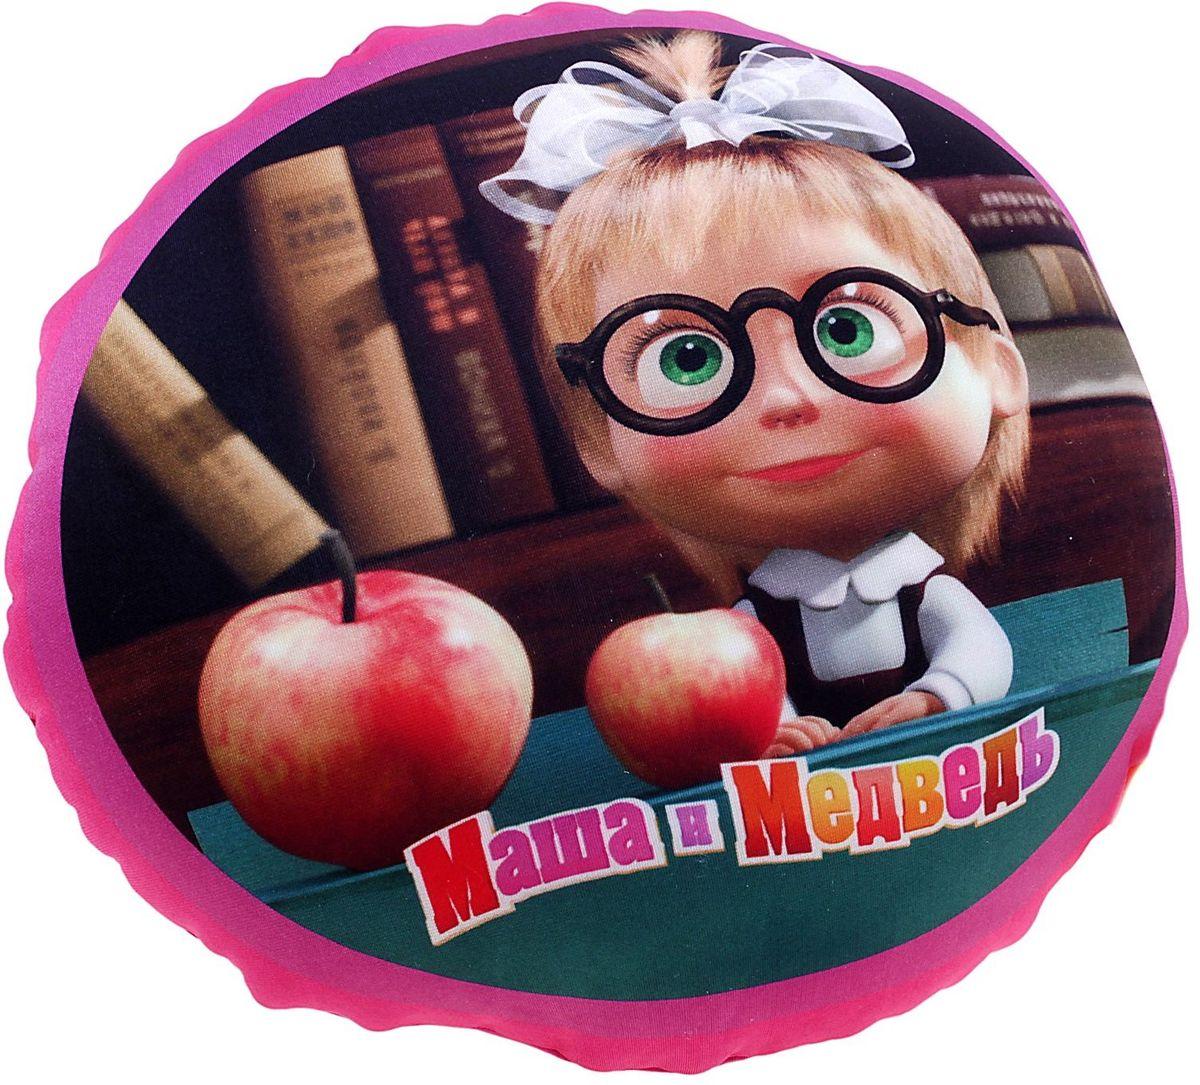 СмолТойс Подушка-игрушка Маша и Медведь 664150 смолтойс мяч антистресс маша и медведь